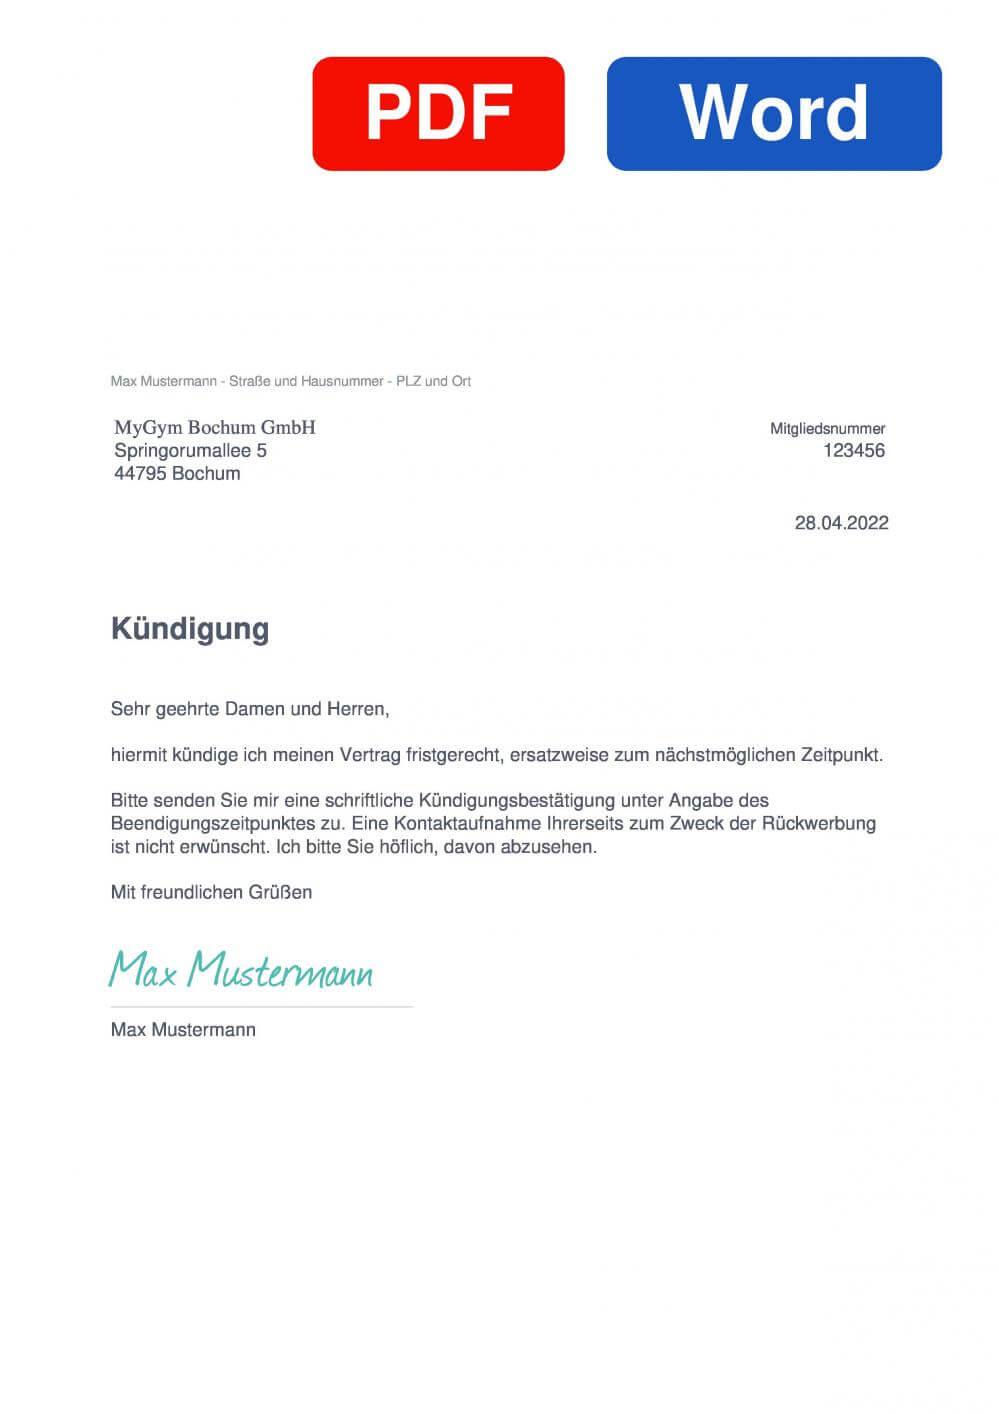 MY GYM active Bochum Muster Vorlage für Kündigungsschreiben